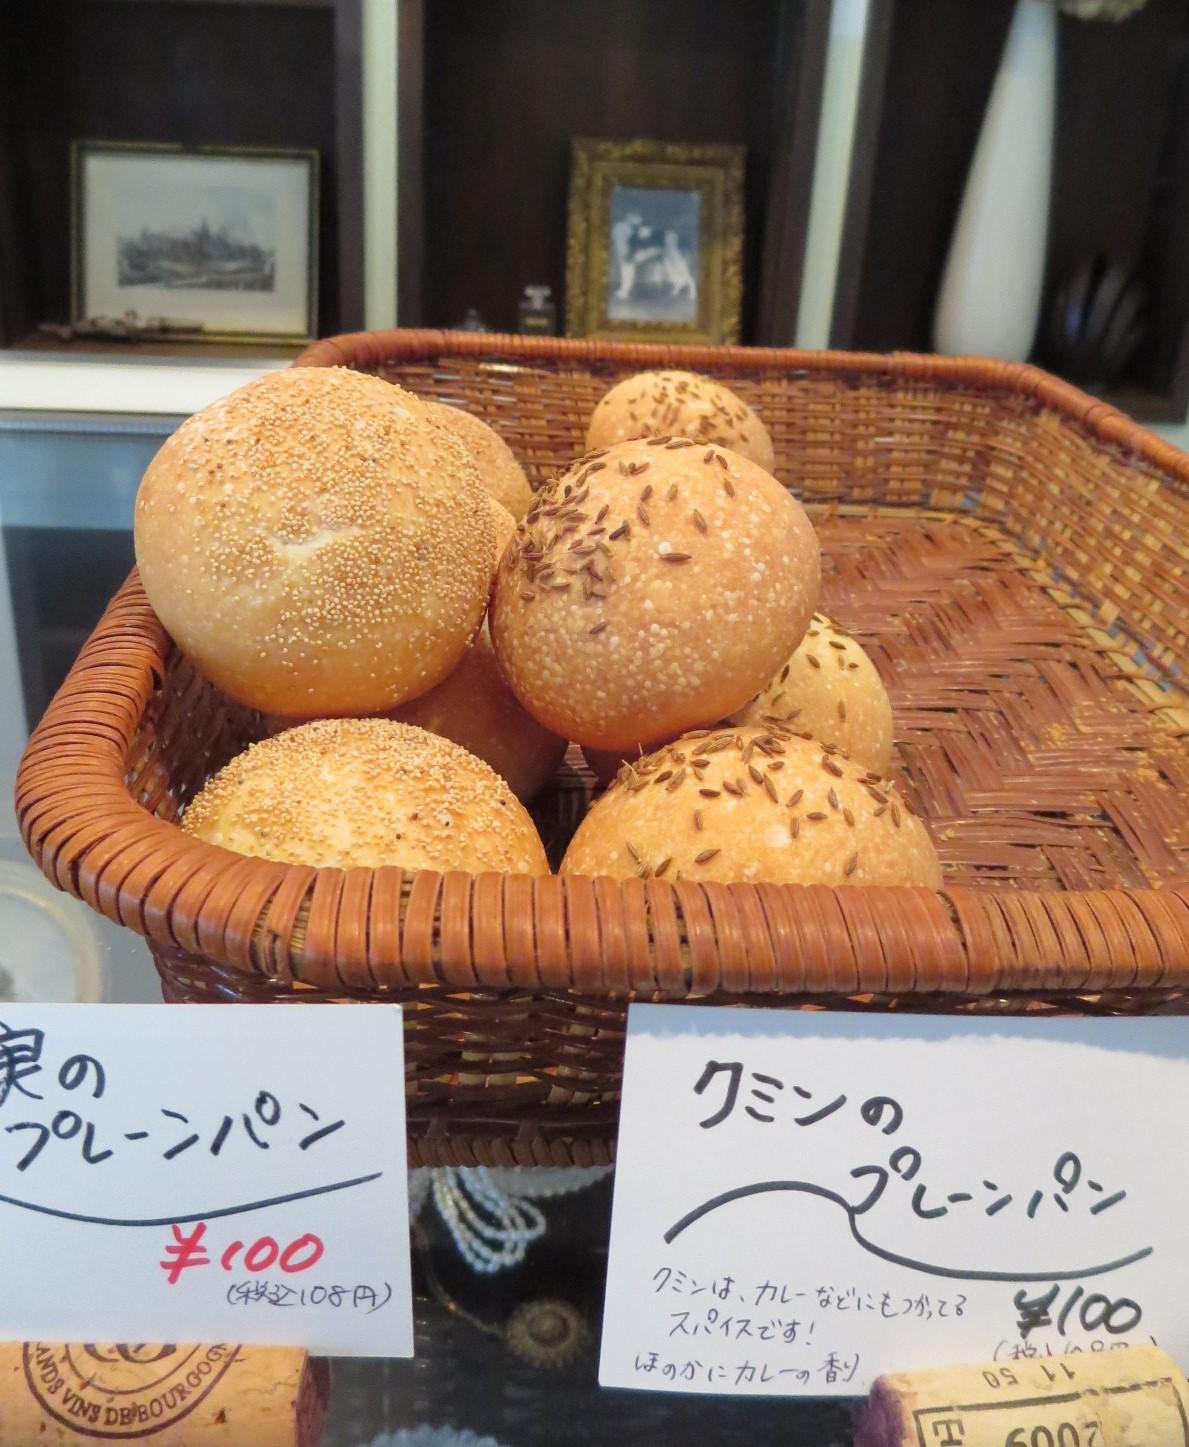 ル・シャモイーヴルのパン屋さん♪ <閉店>_f0236260_2382717.jpg